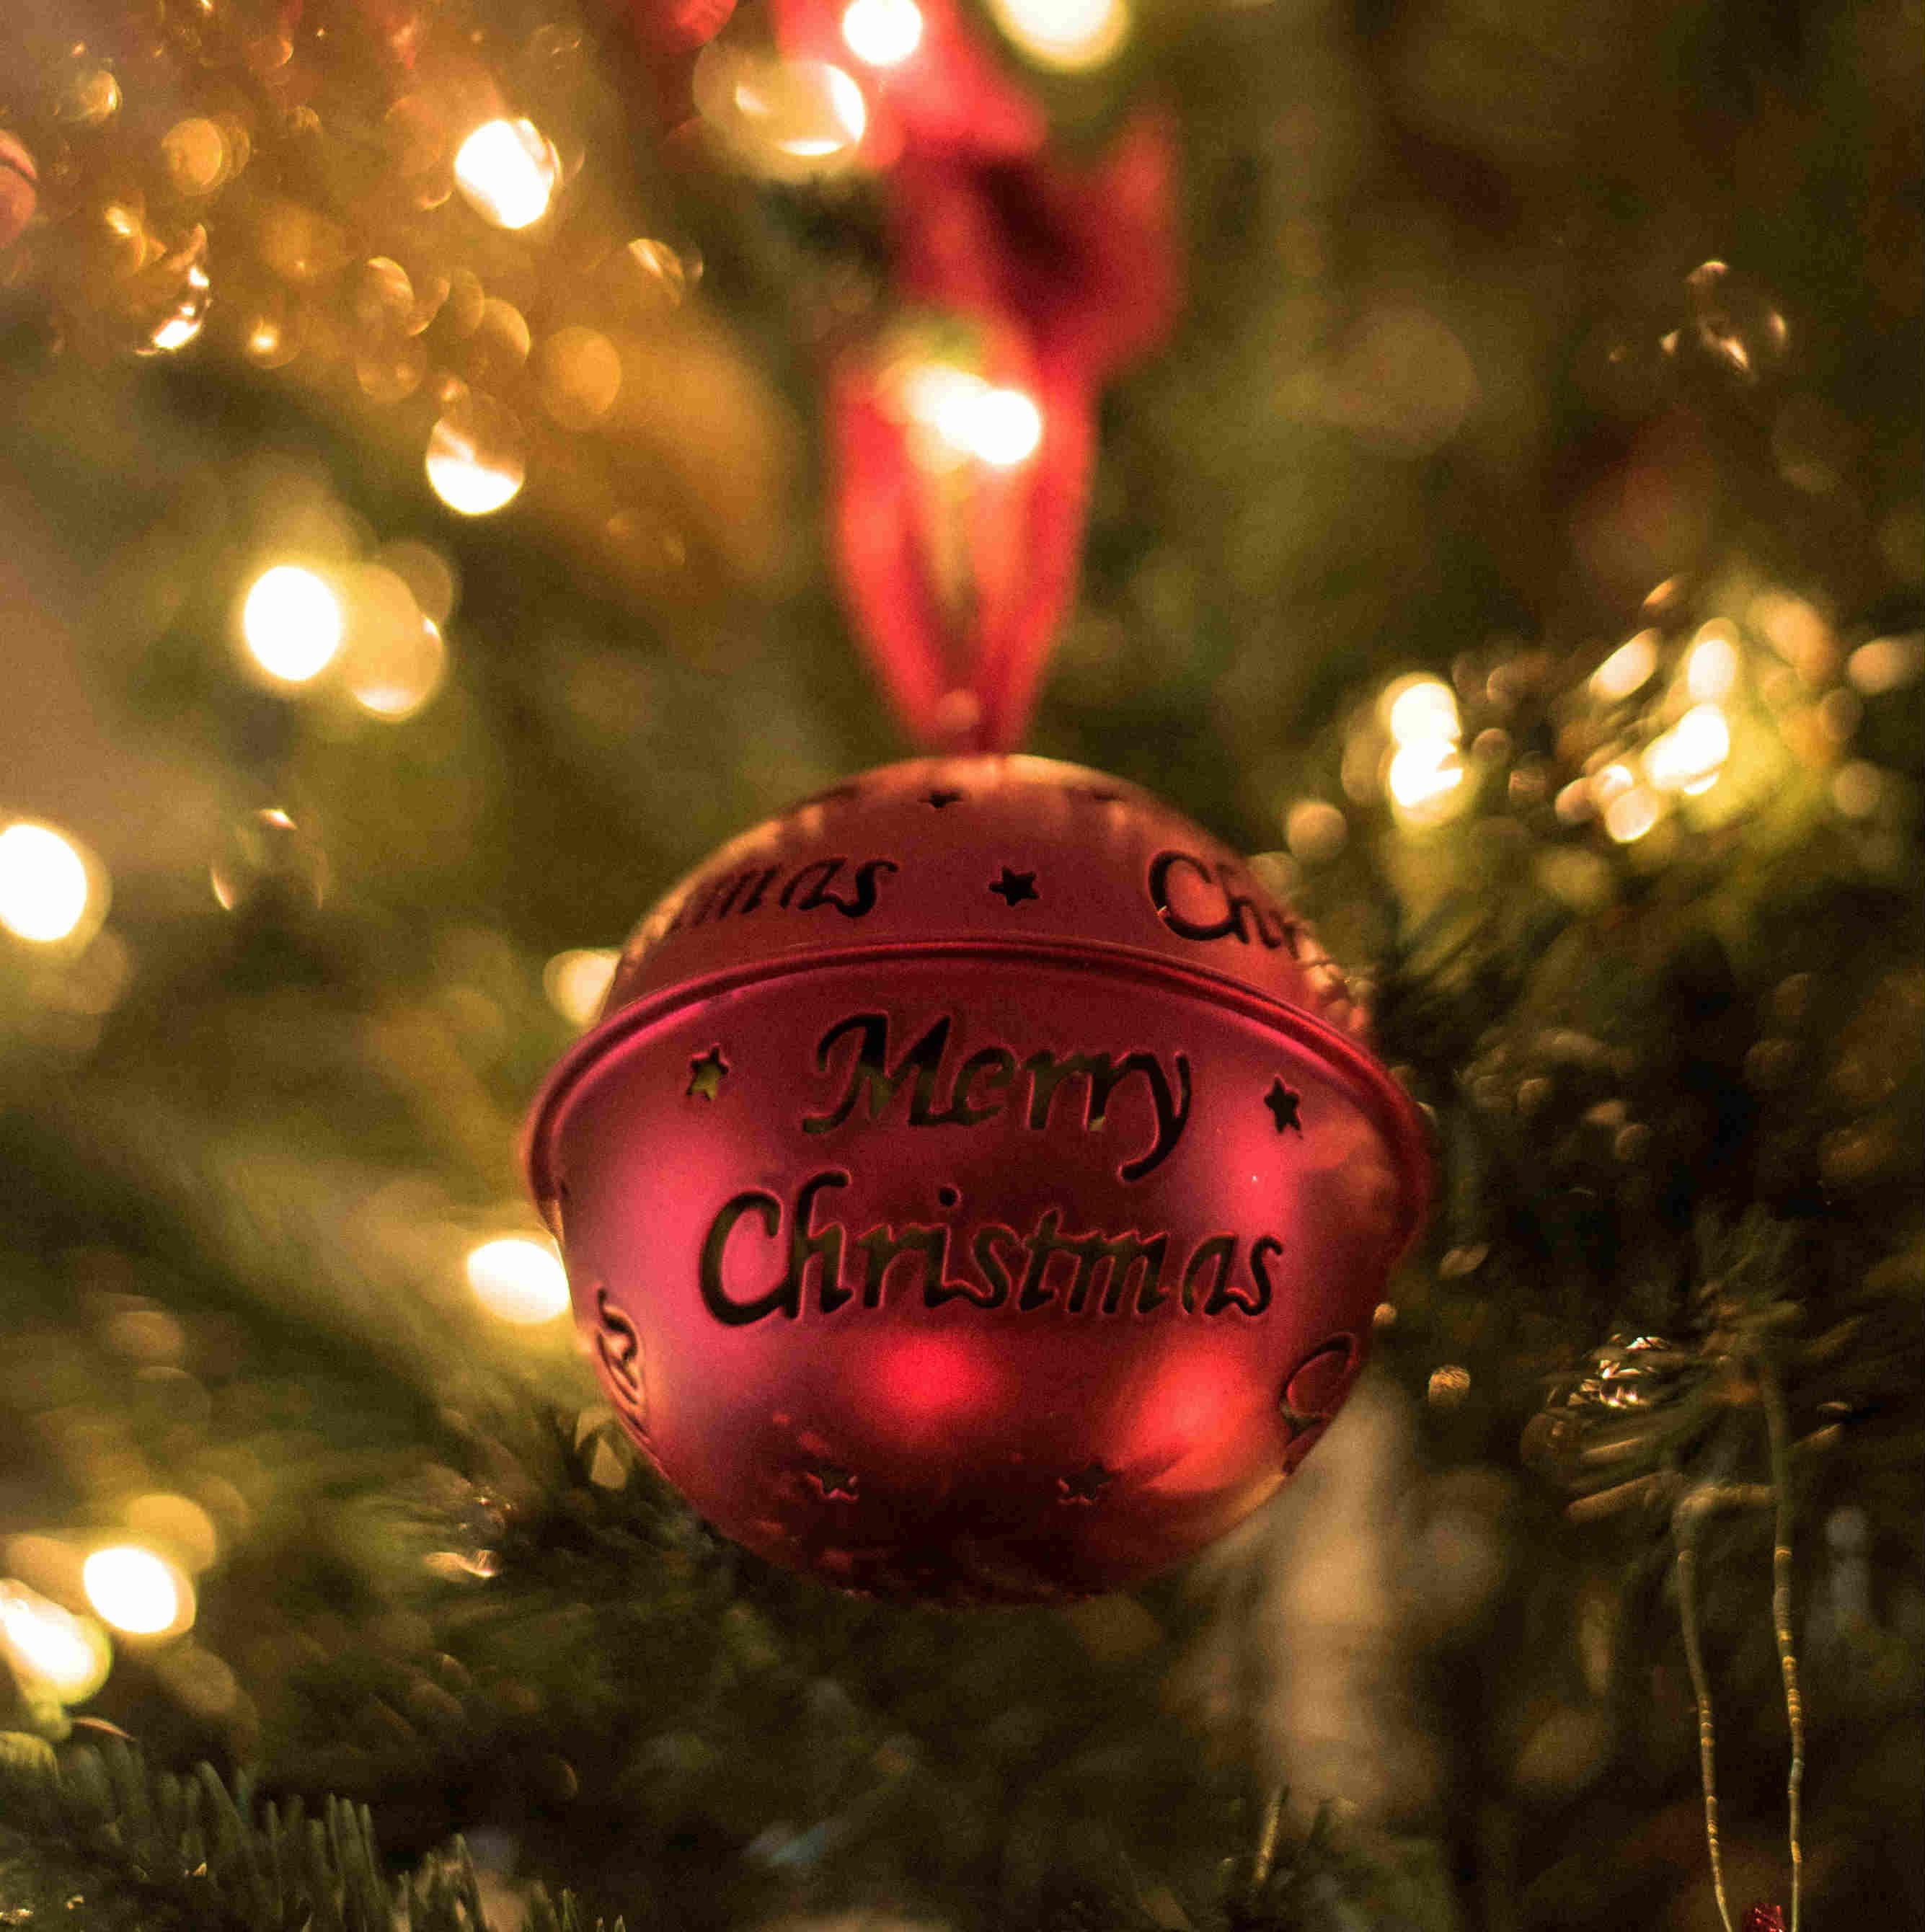 menu speciale, menu natale, natalizio, natale, ristorante centro, news, ultime novit, promozioni, menu speciali, pizza, pizza a 10